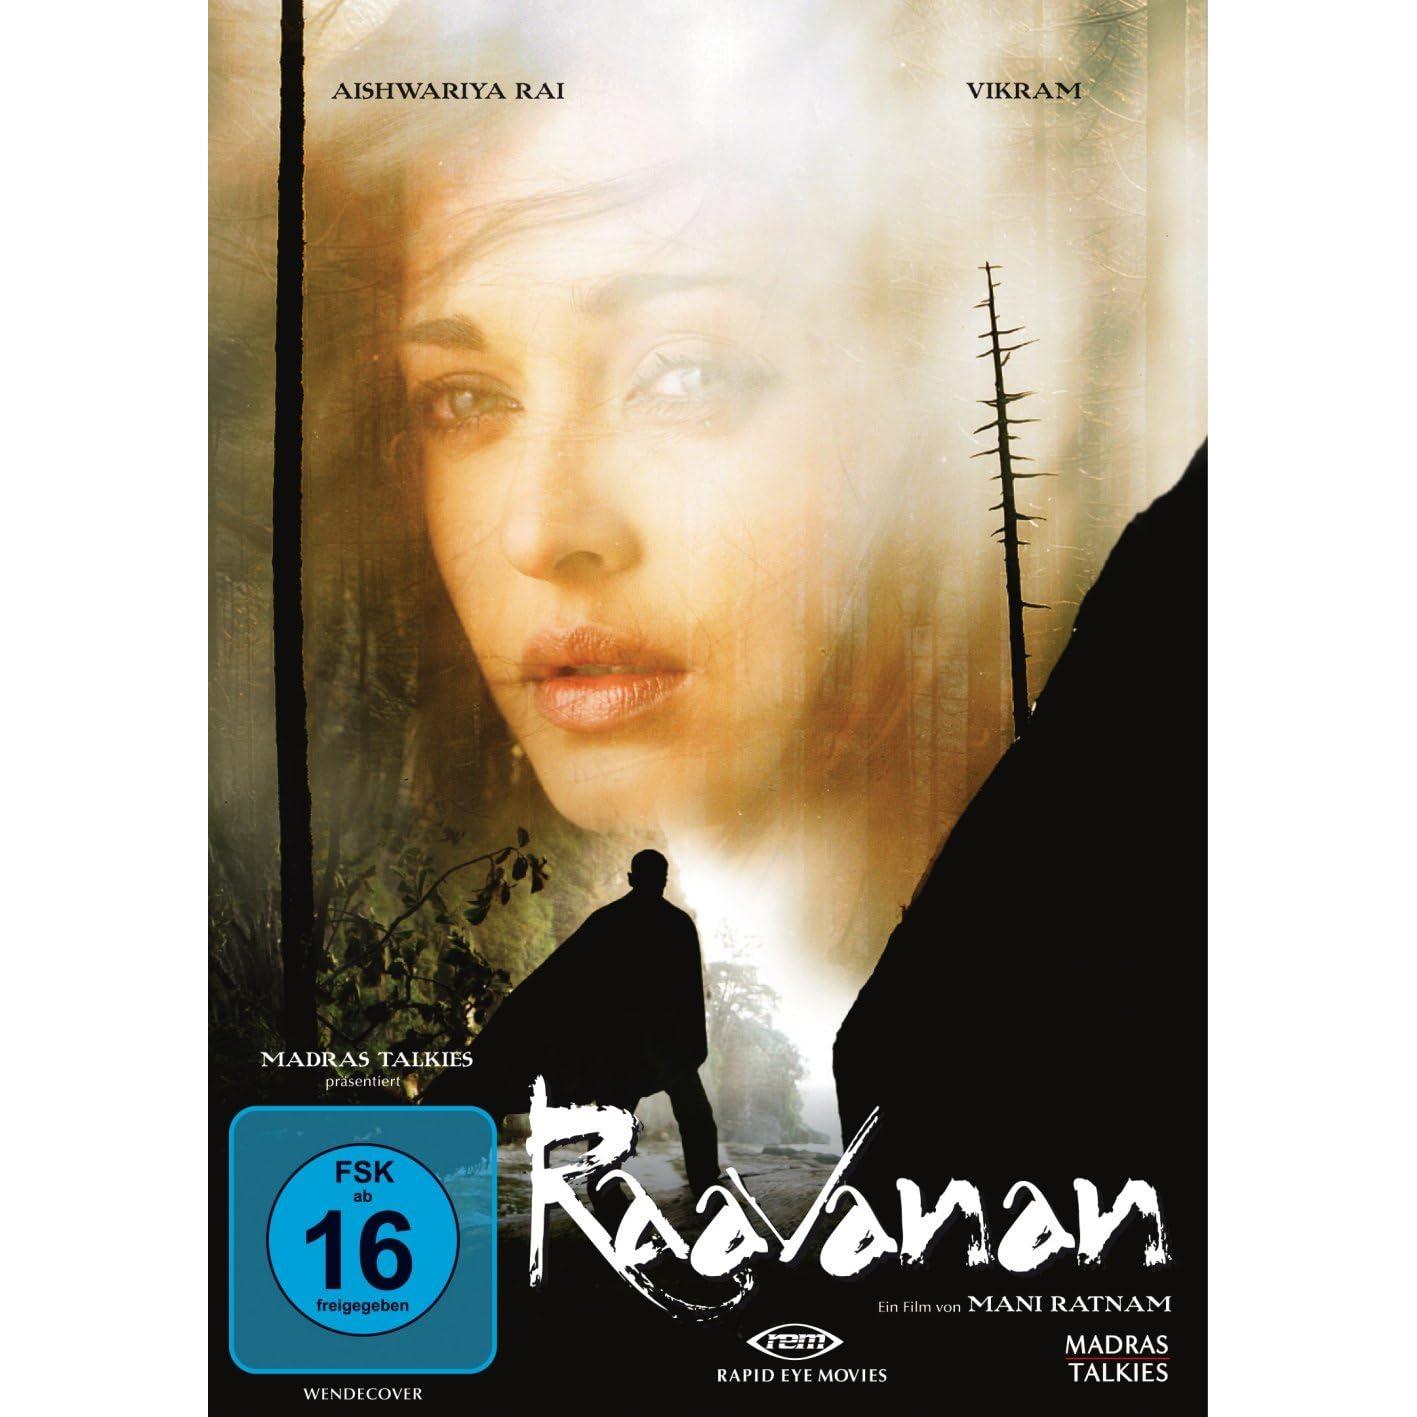 Raavan / Raavanan (2010) 71bGfVglXcL._AA1417_